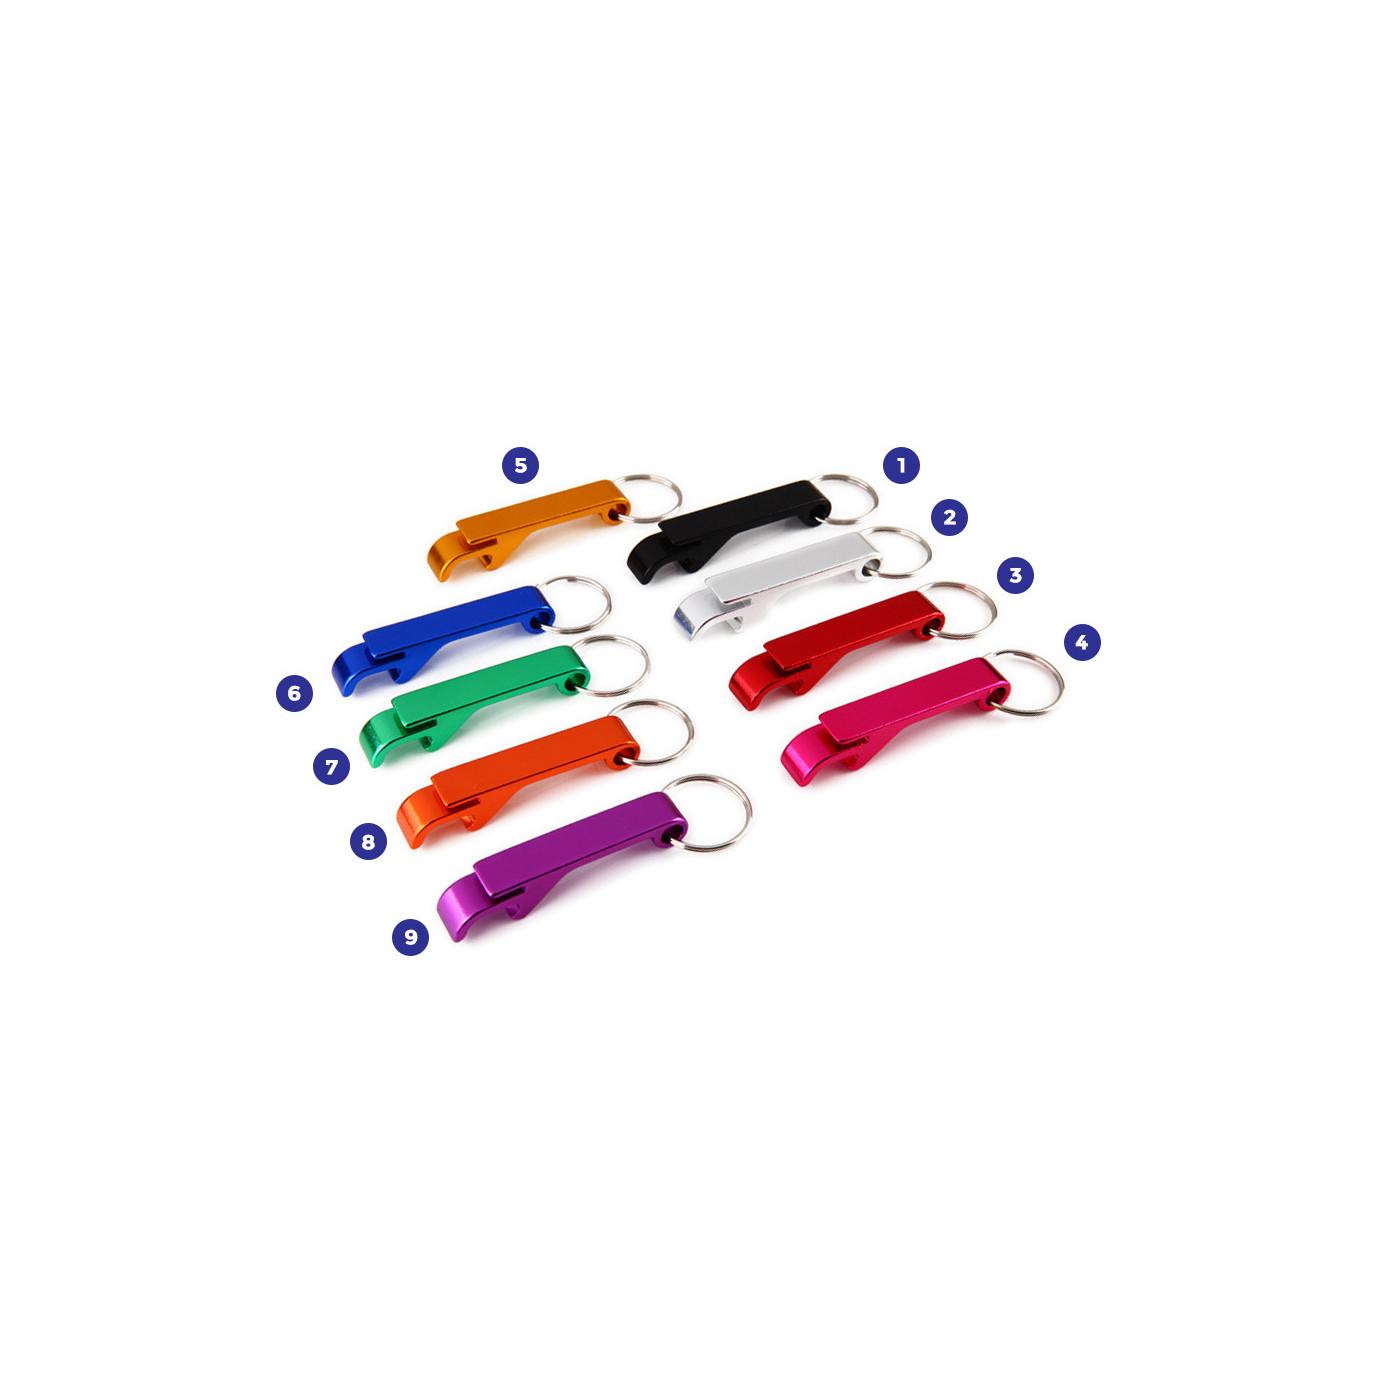 Set von 10 Flaschenöffnern aus Metall, Farbe 8: Dunkelorange  - 1